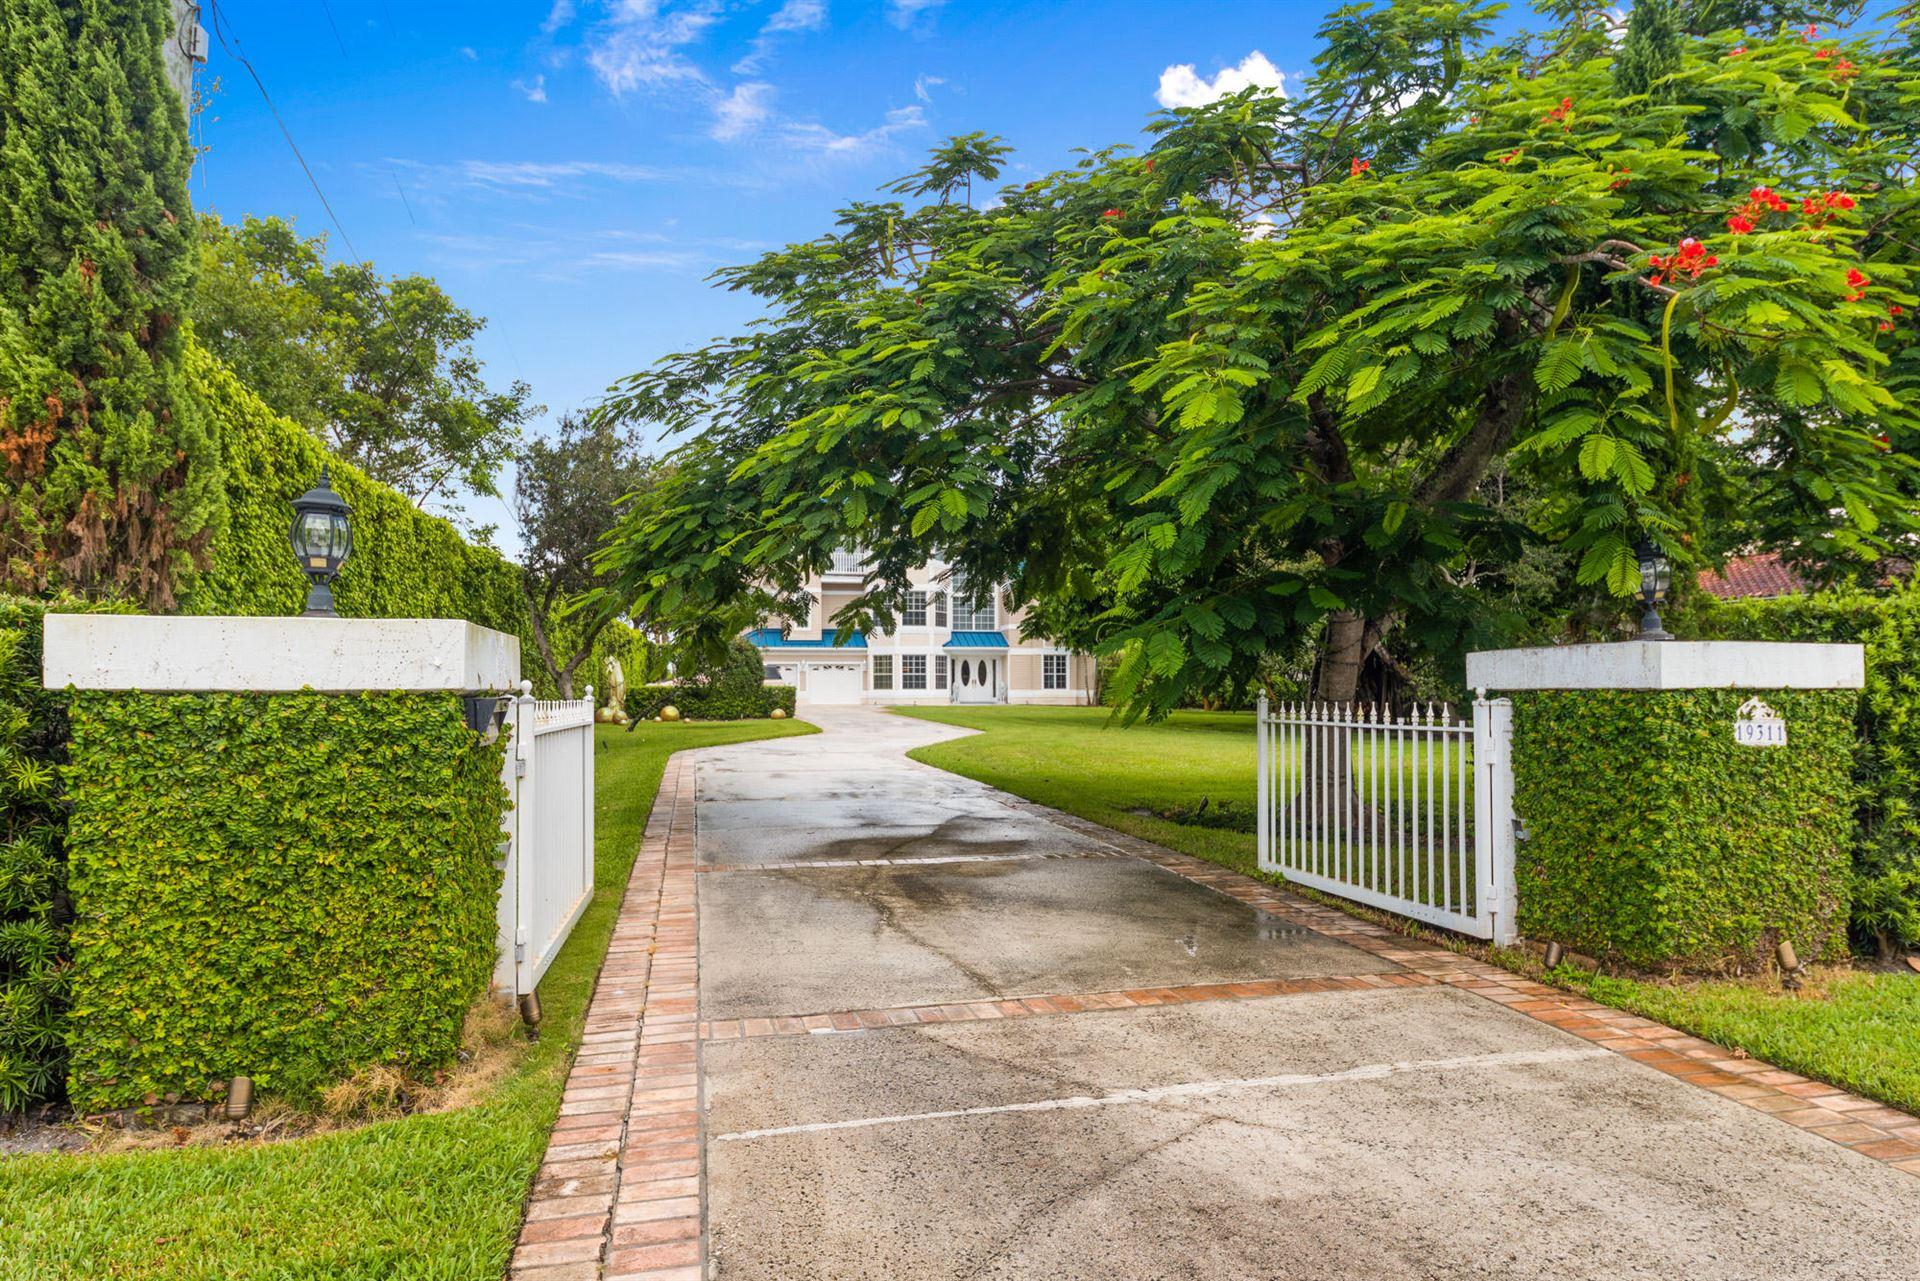 Photo of 19311 N Riverside Drive, Jupiter, FL 33469 (MLS # RX-10645377)